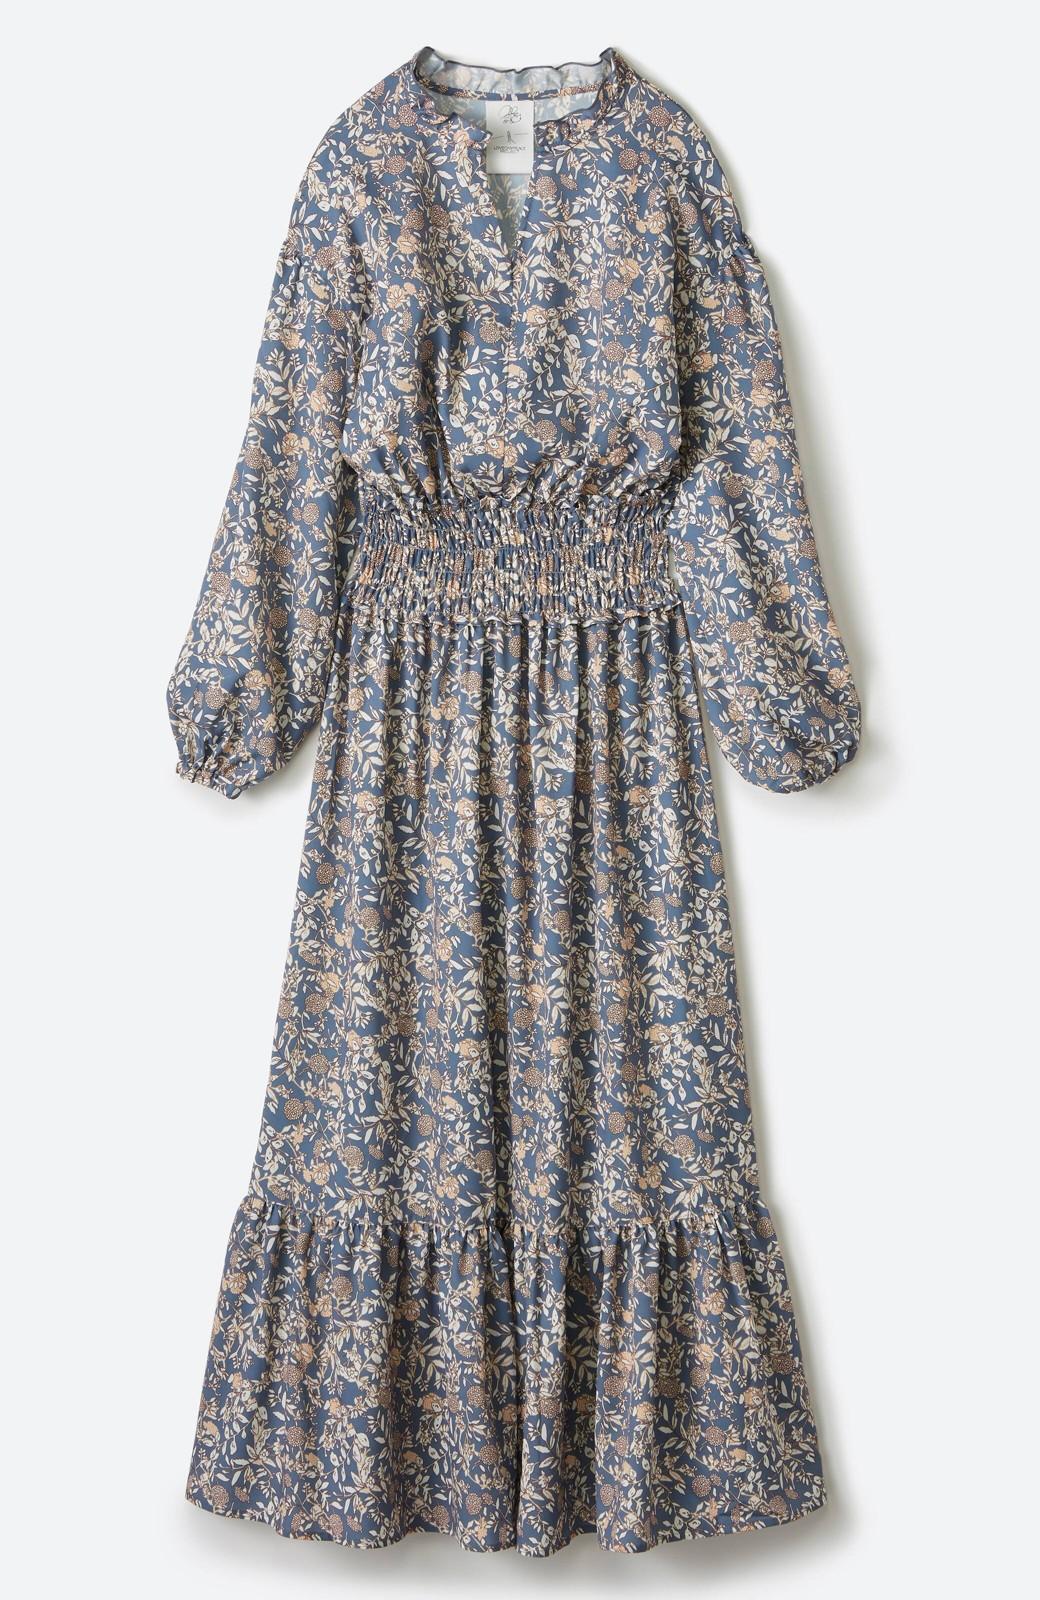 haco! 【スザンヌさんコラボ】大人の華やかさを詰め込んだ ウエストシャーリングのスタイルアップワンピース by LOVE&PEACE PROJECT <ブルー>の商品写真2